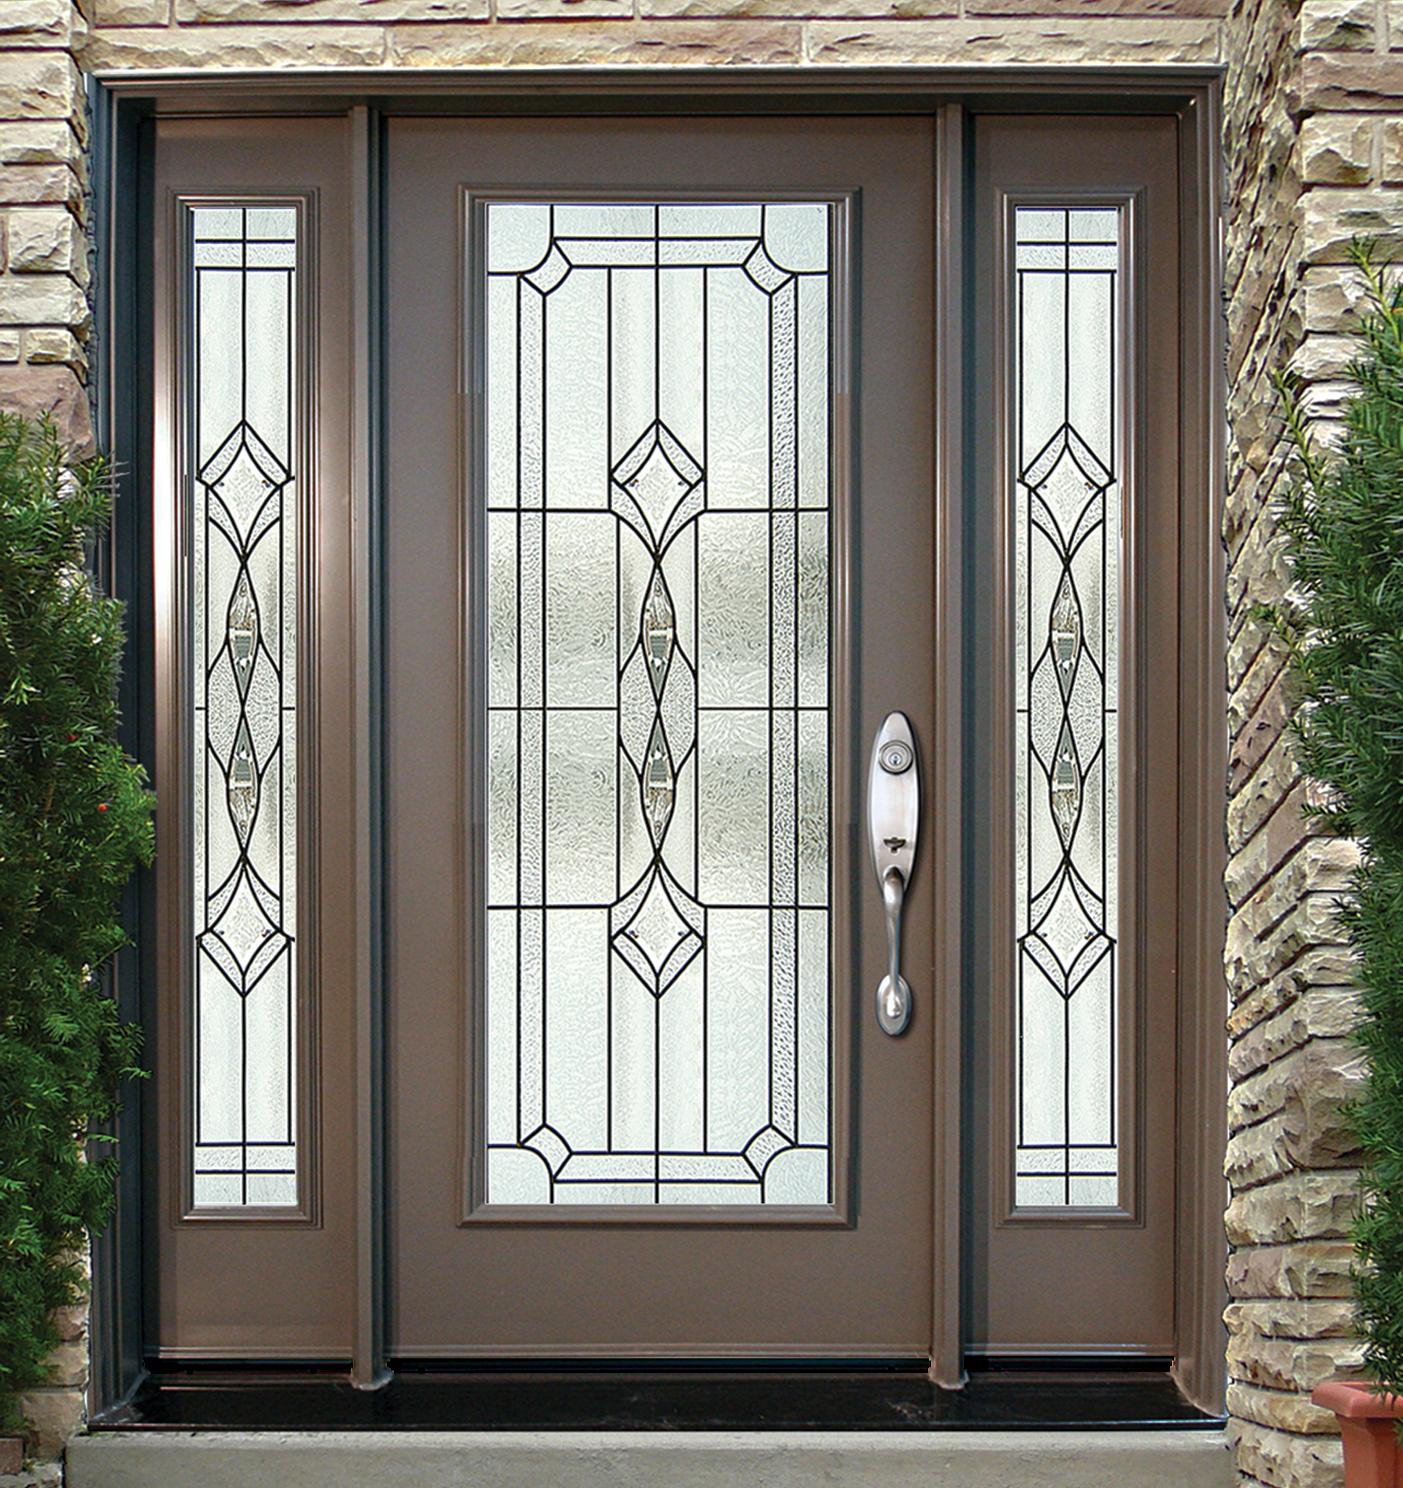 & Exclusive door glass model Melbourne ? Portatec